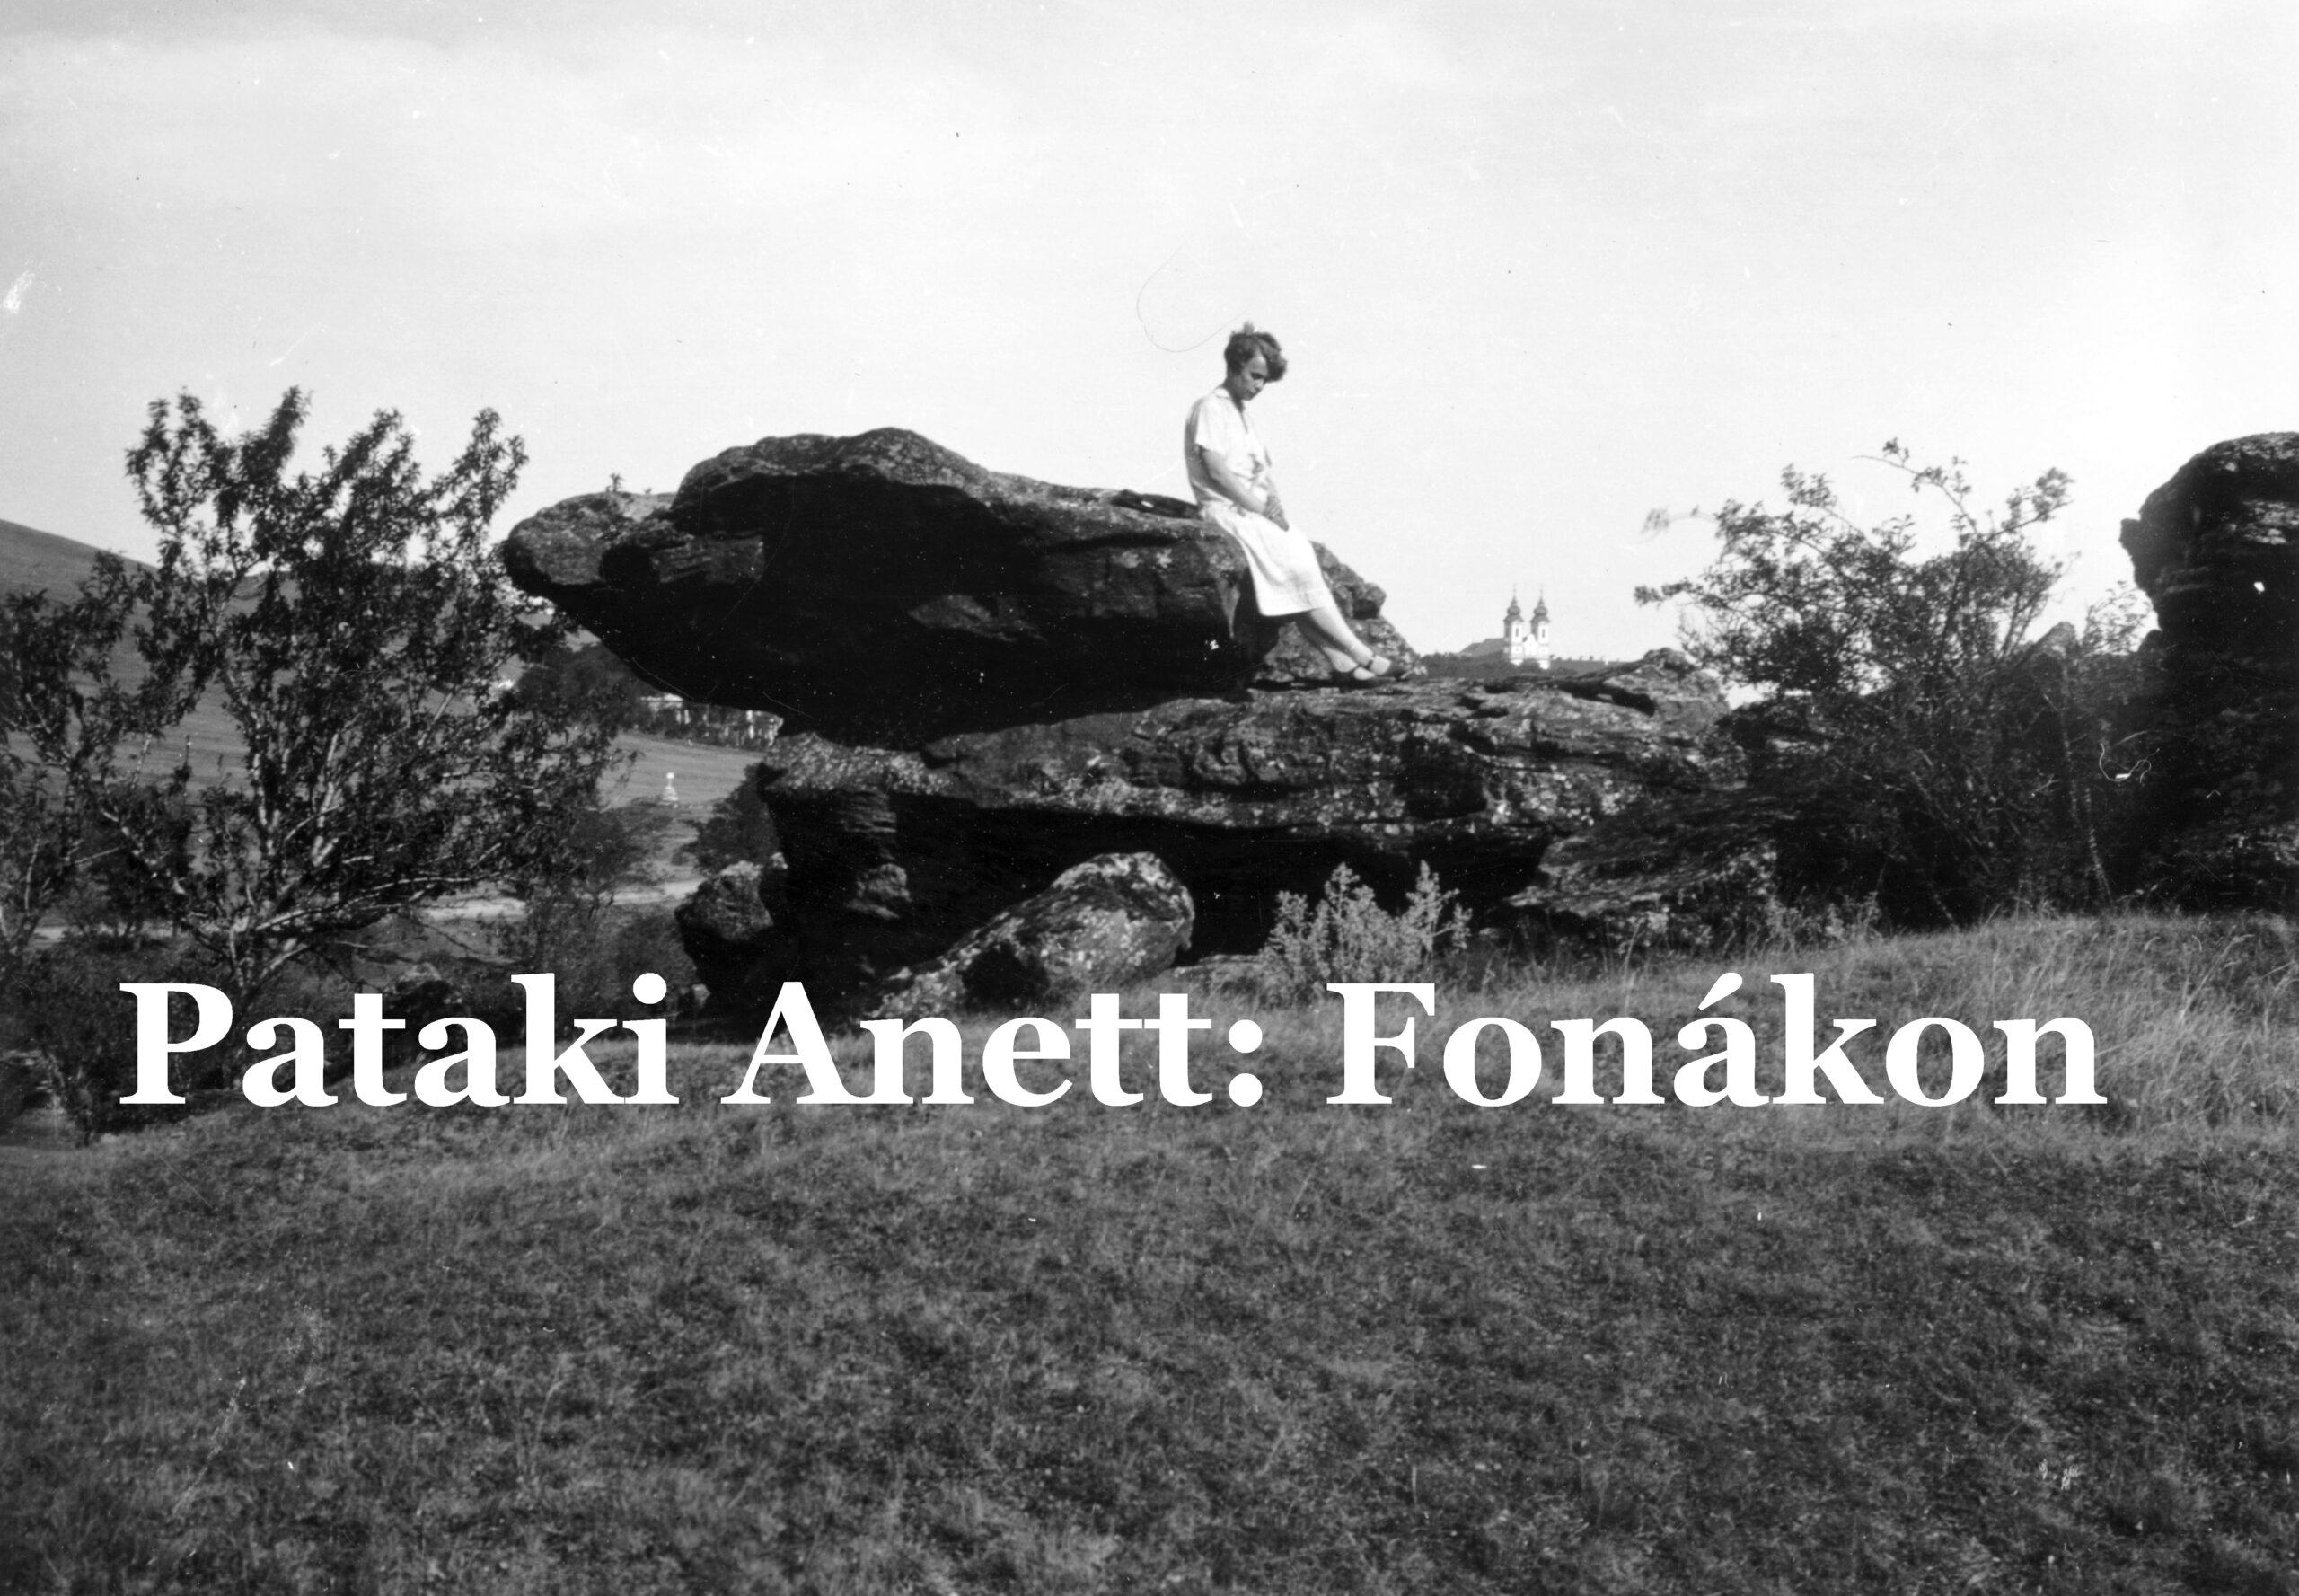 Pataki Anett: Fonákon